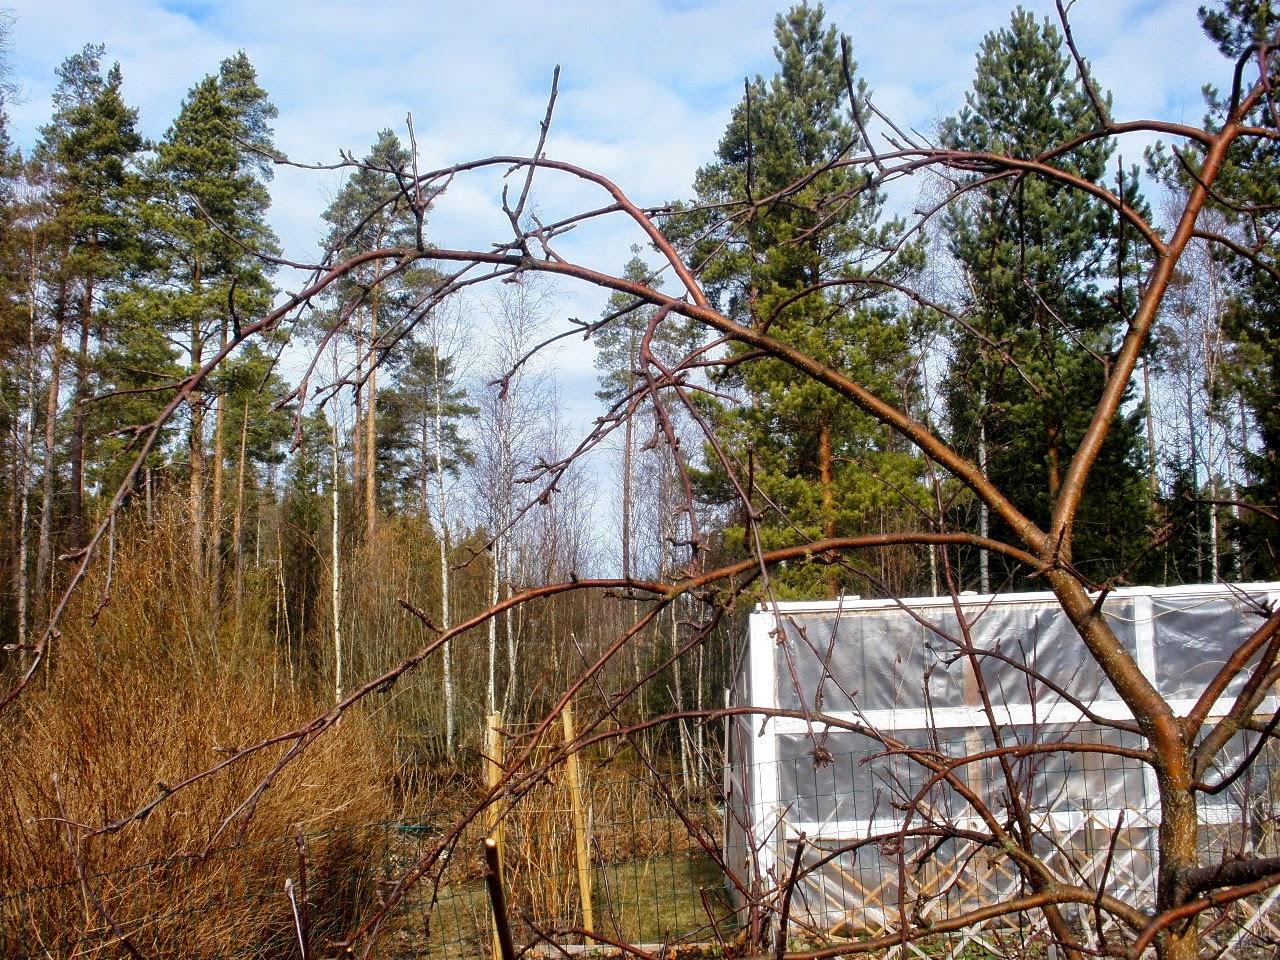 päärynäpuun leikkaus keväällä